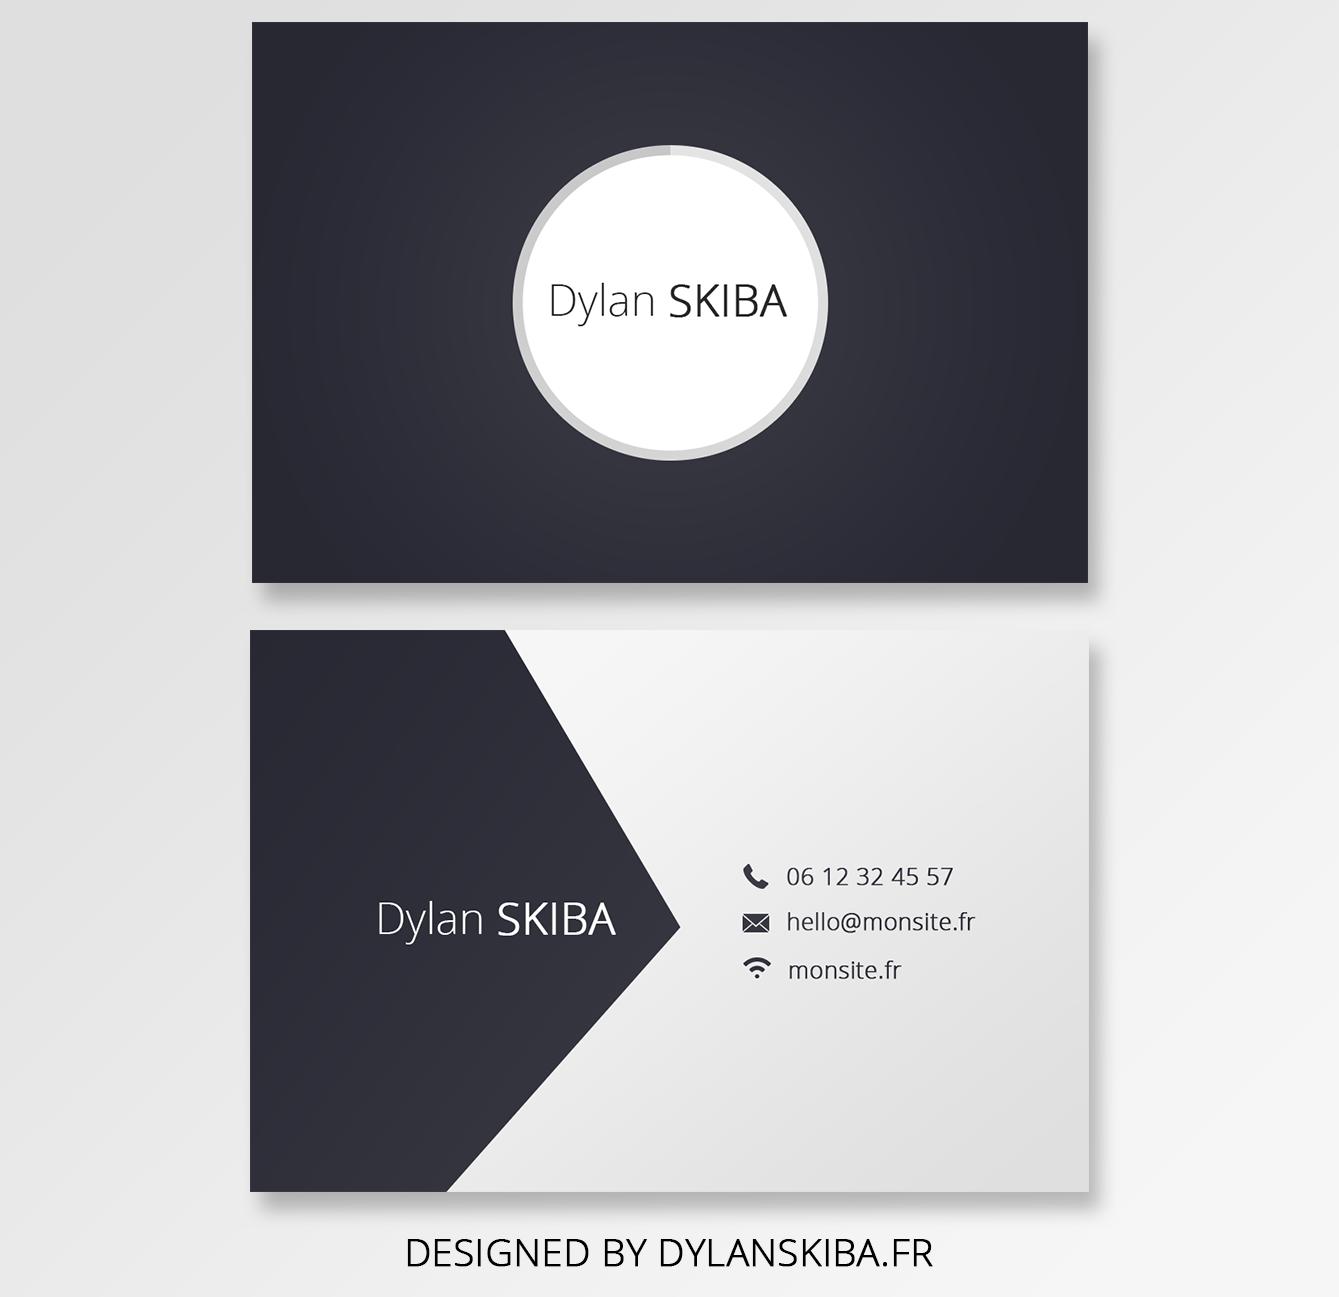 une carte sobre et minimaliste afin de donner ses